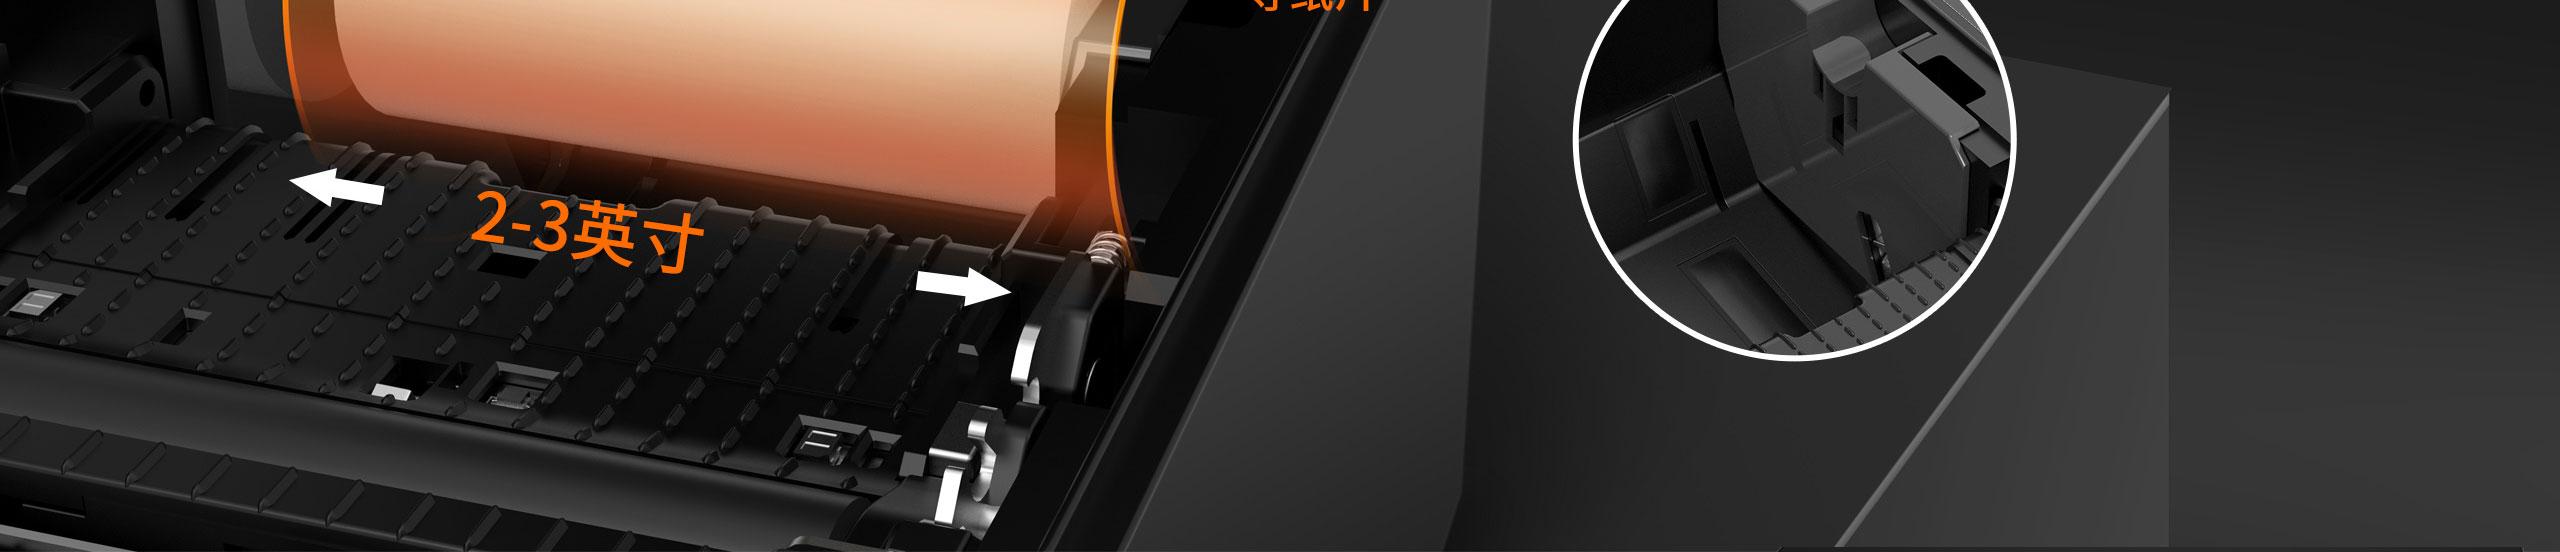 TP809热敏票据打印机,黑白两色可选  第33张